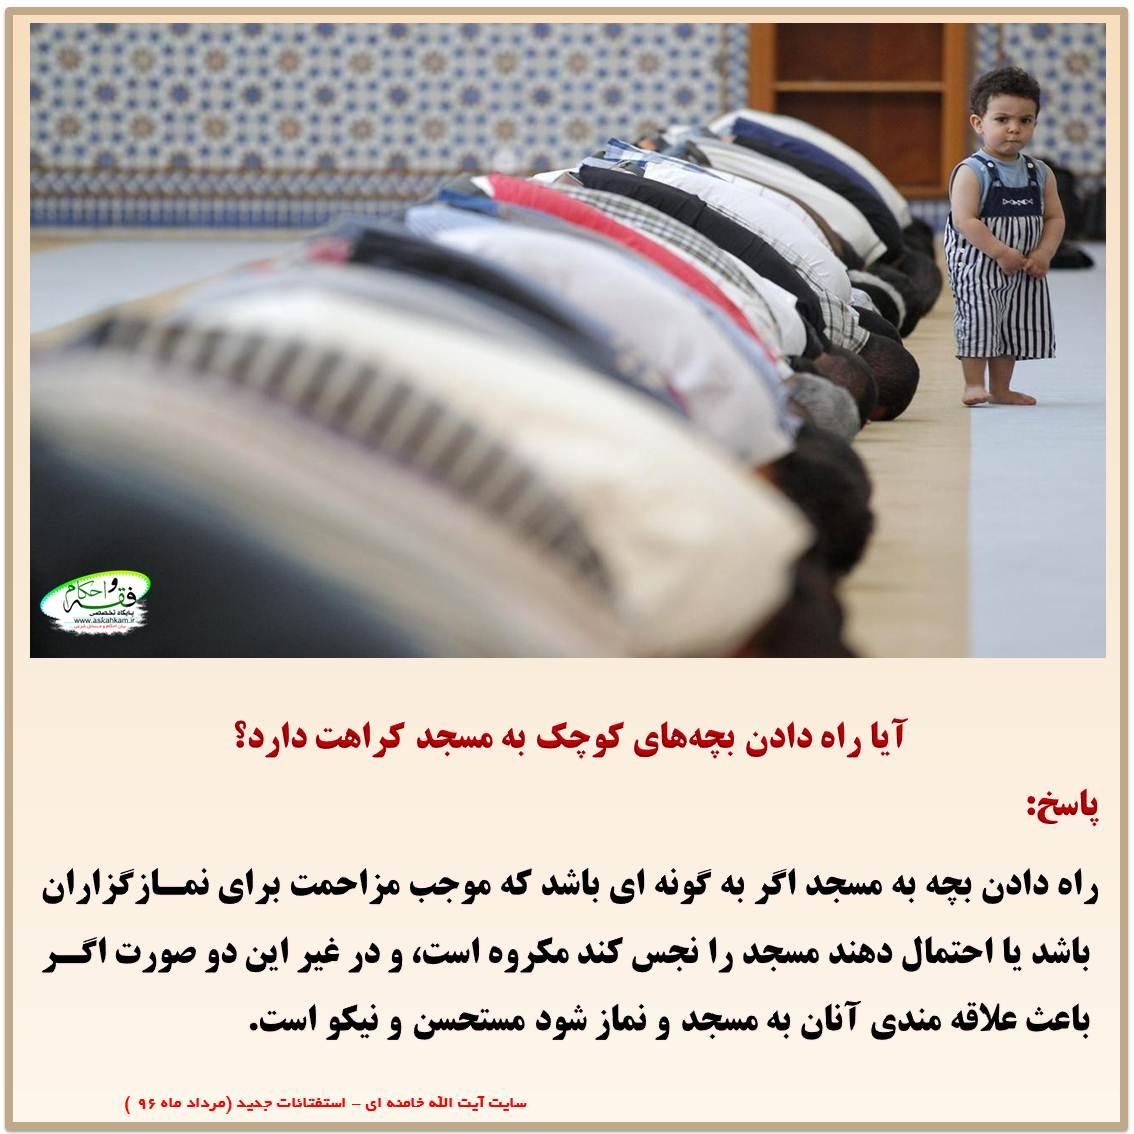 آیا راه دادن بچههای کوچک به مسجد کراهت دارد؟